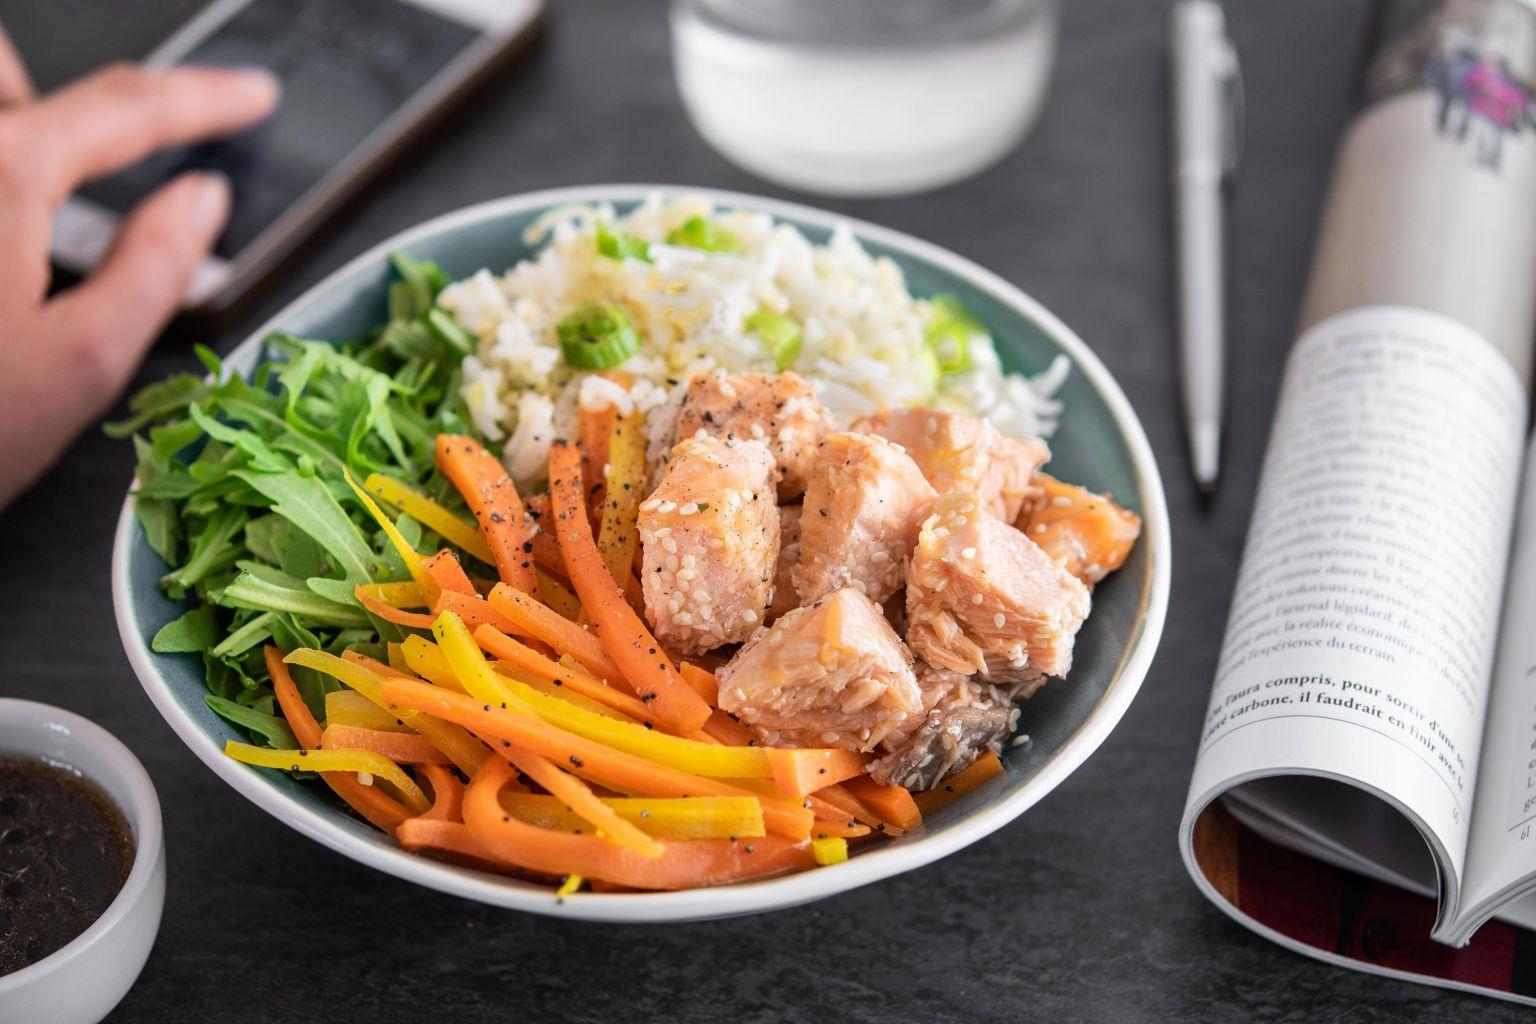 Salade de saumon au sésame, riz, boulgour, julienne de légumes et gingembre